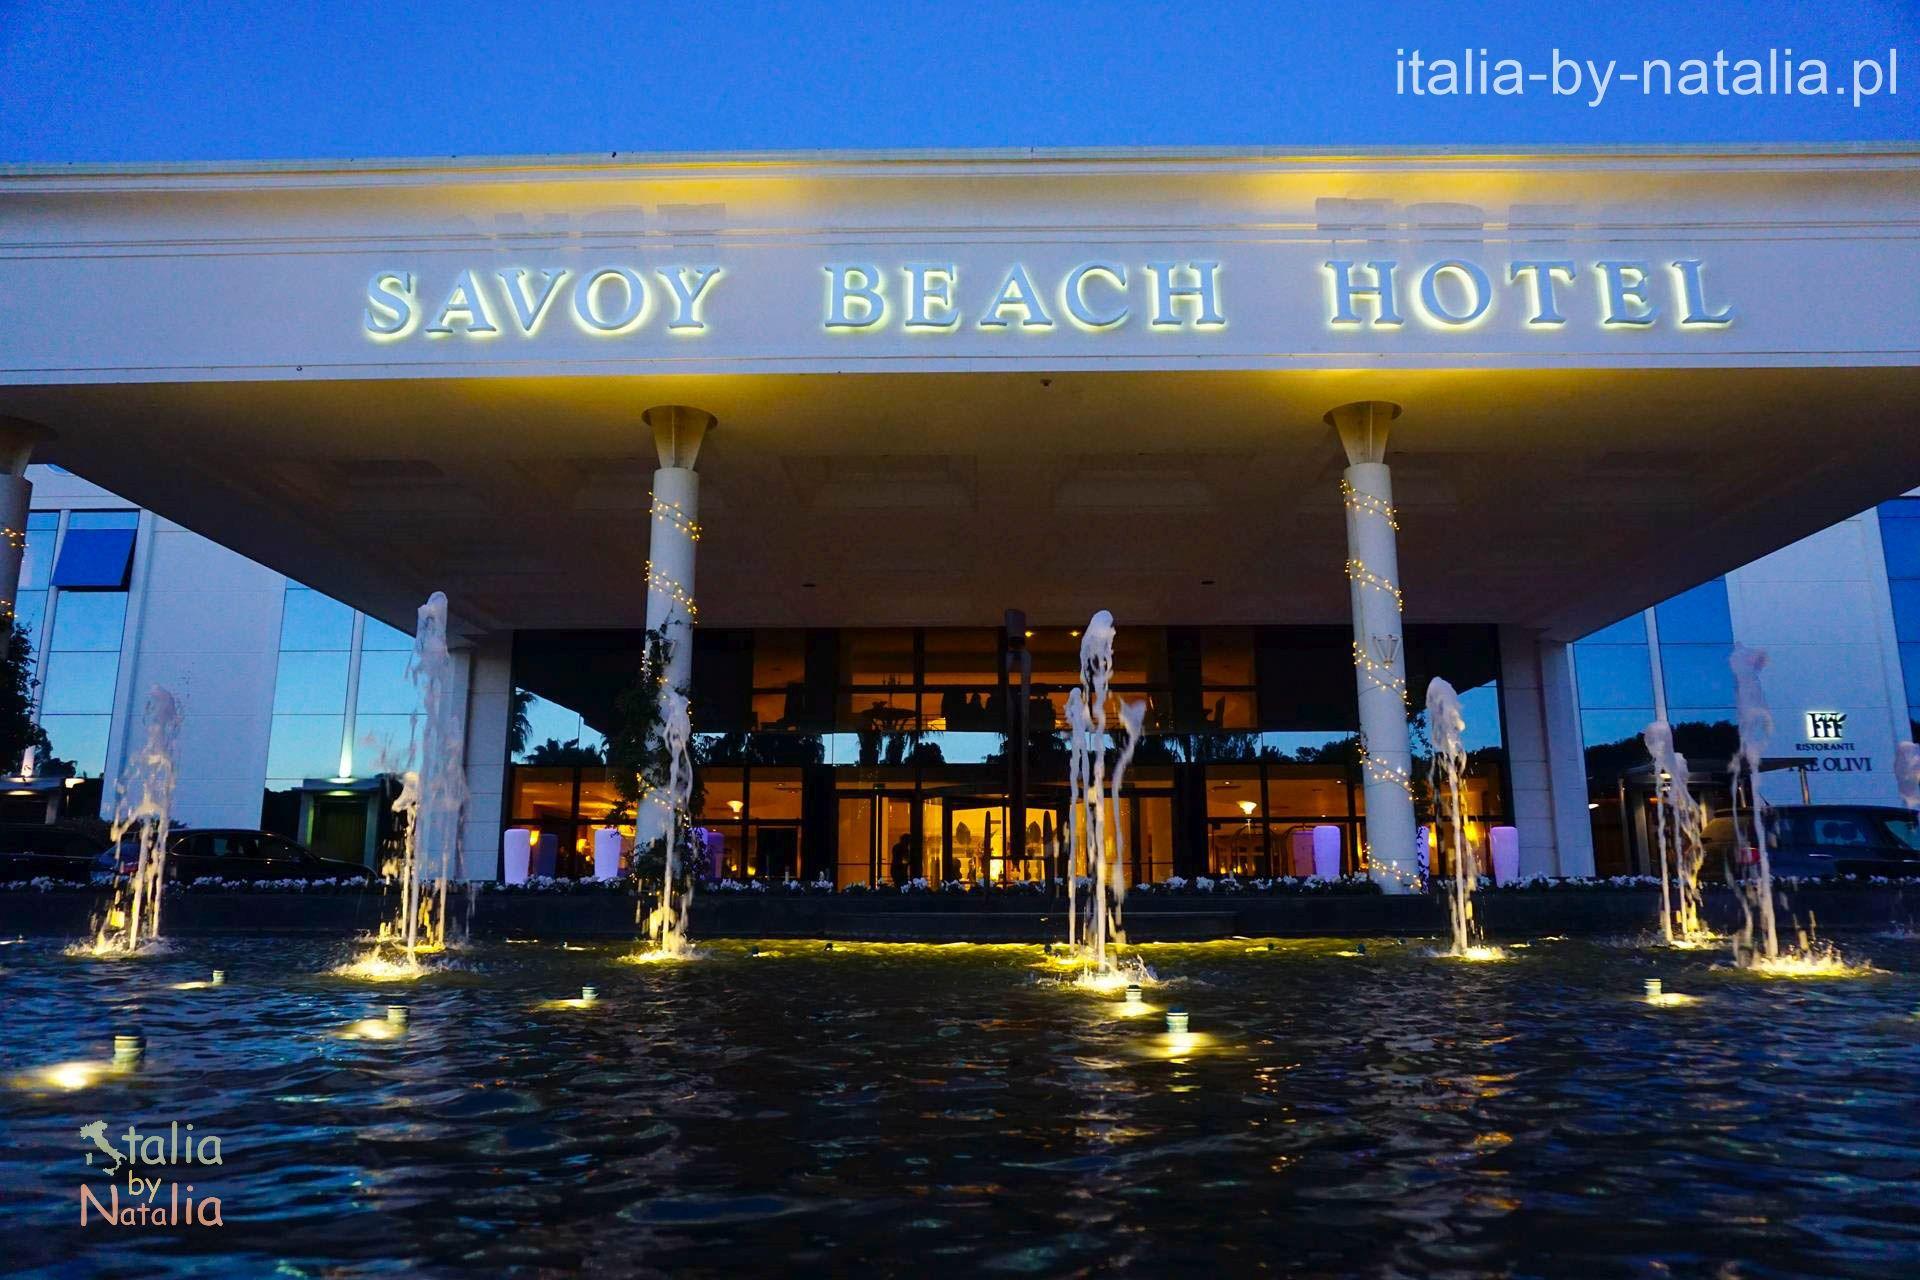 Savoy Beach Hotel Paestum